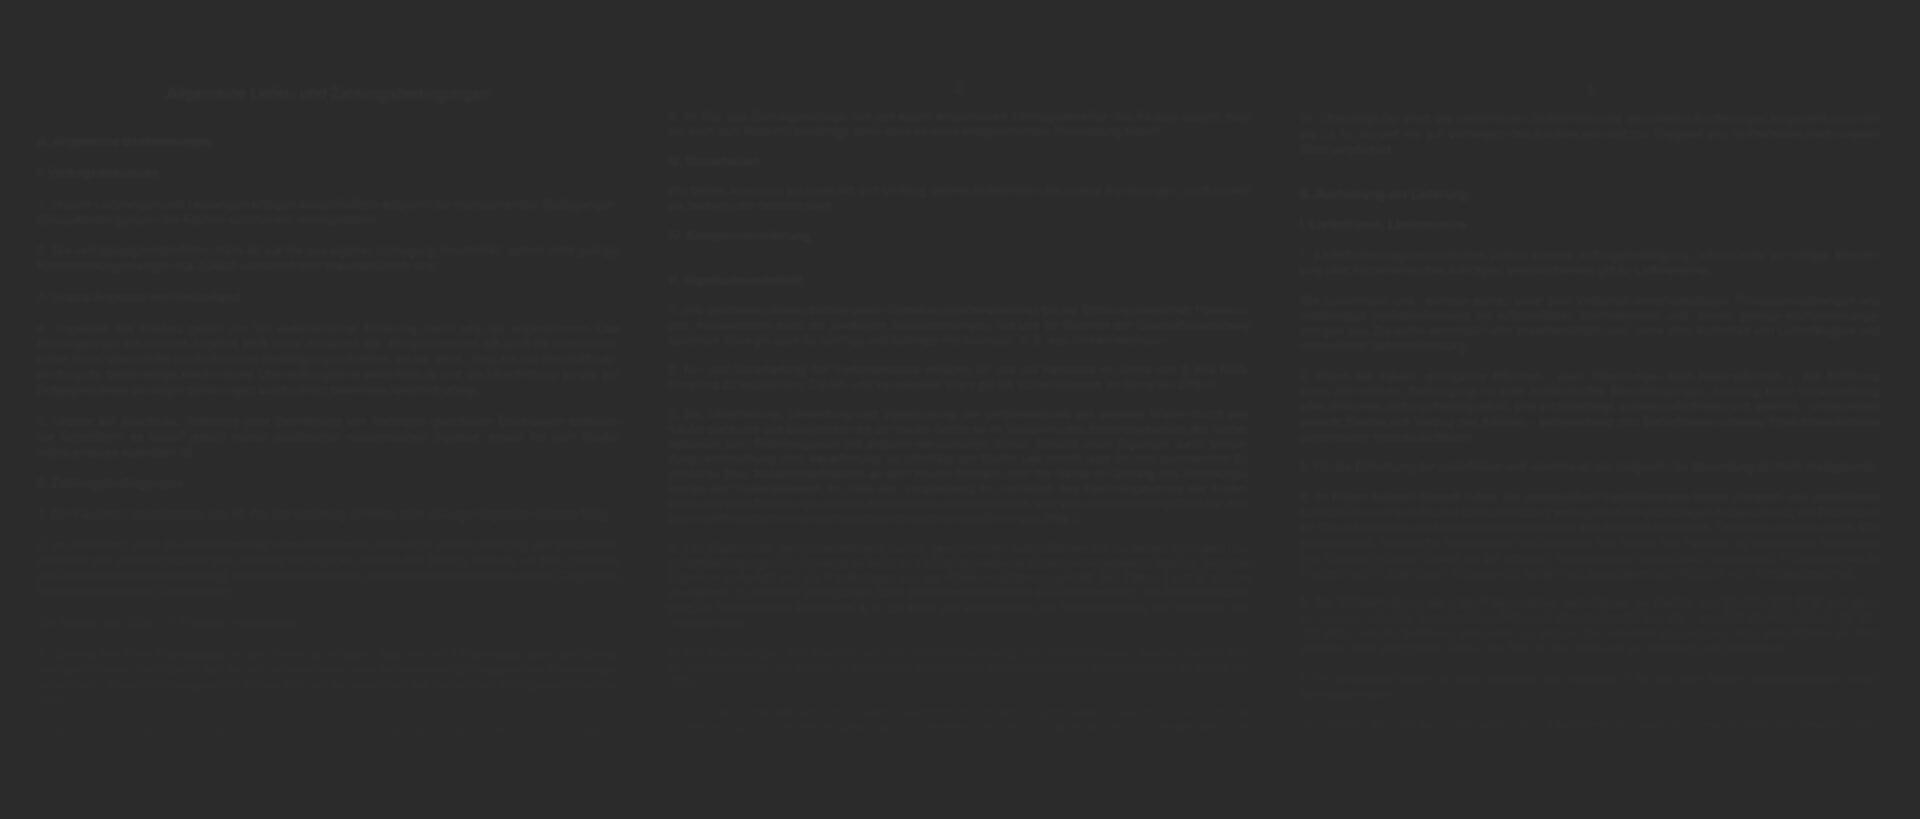 Gewalzte Ringe - Schmiedetechnik - Formgebung im Ringwalzwerk - Leppe-Edelstahl Chr. Höver & Sohn - Zertifzierte Präzision für die Industrie (Produktion)